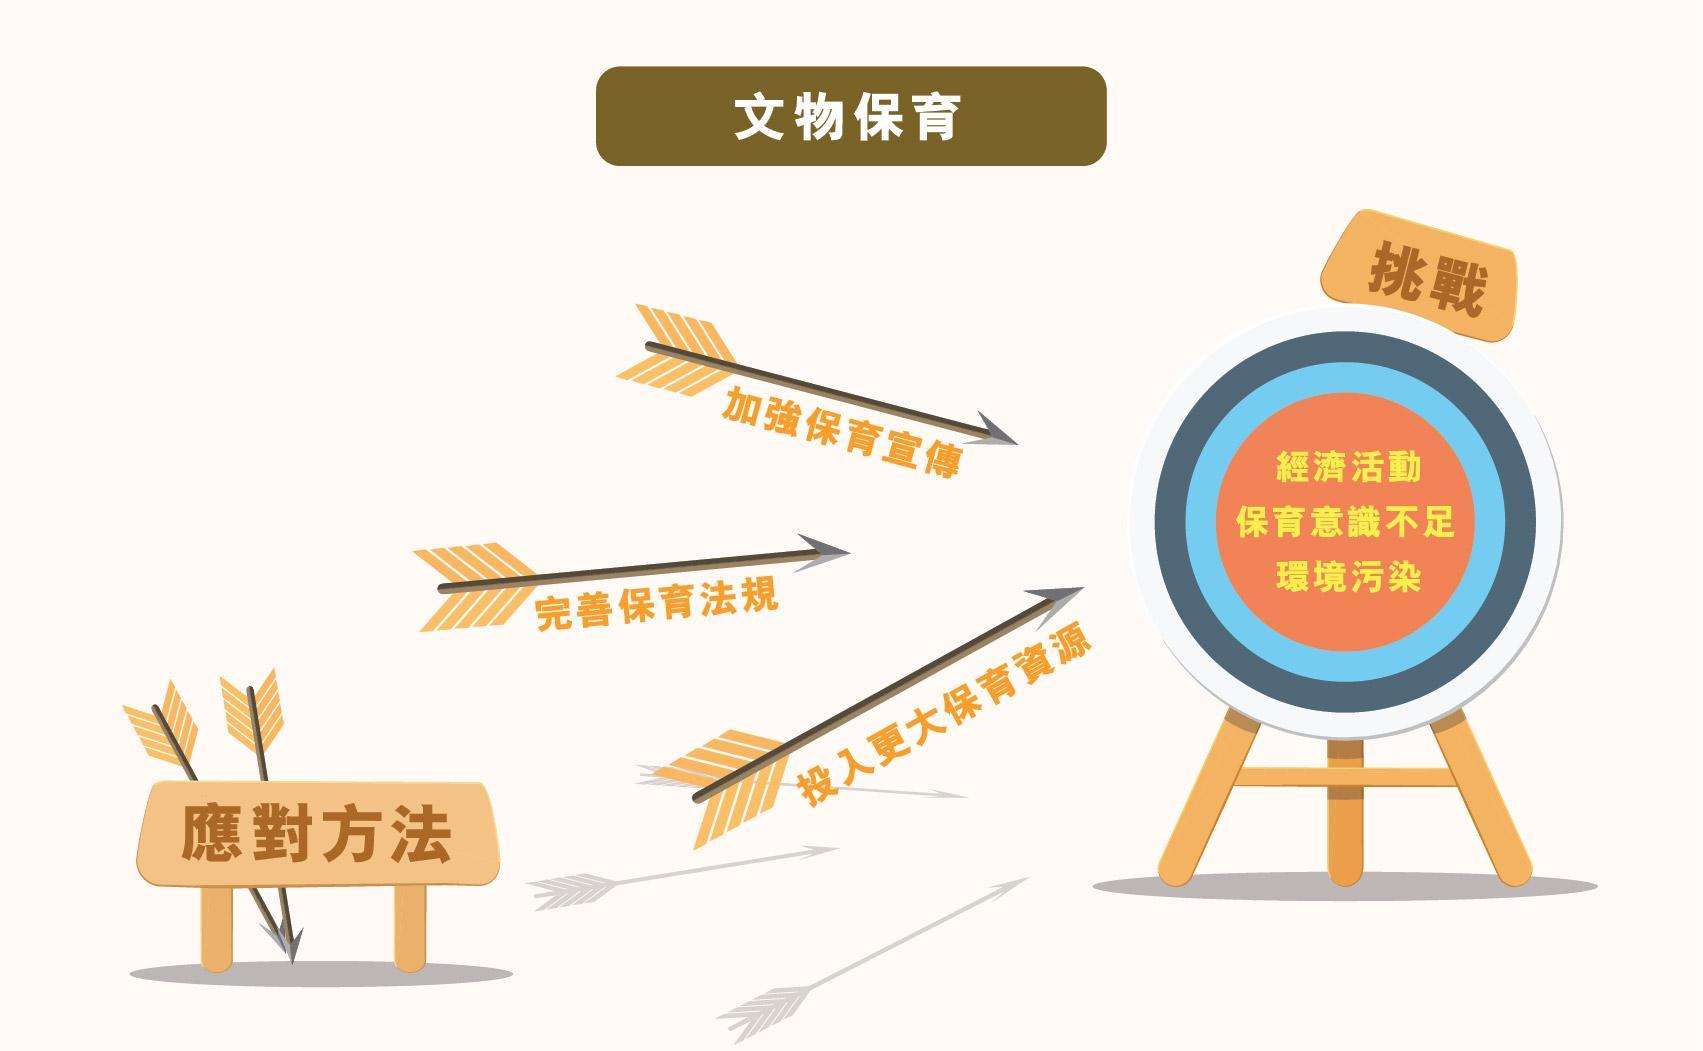 ls_diagram_jinrixianggang_v2_52